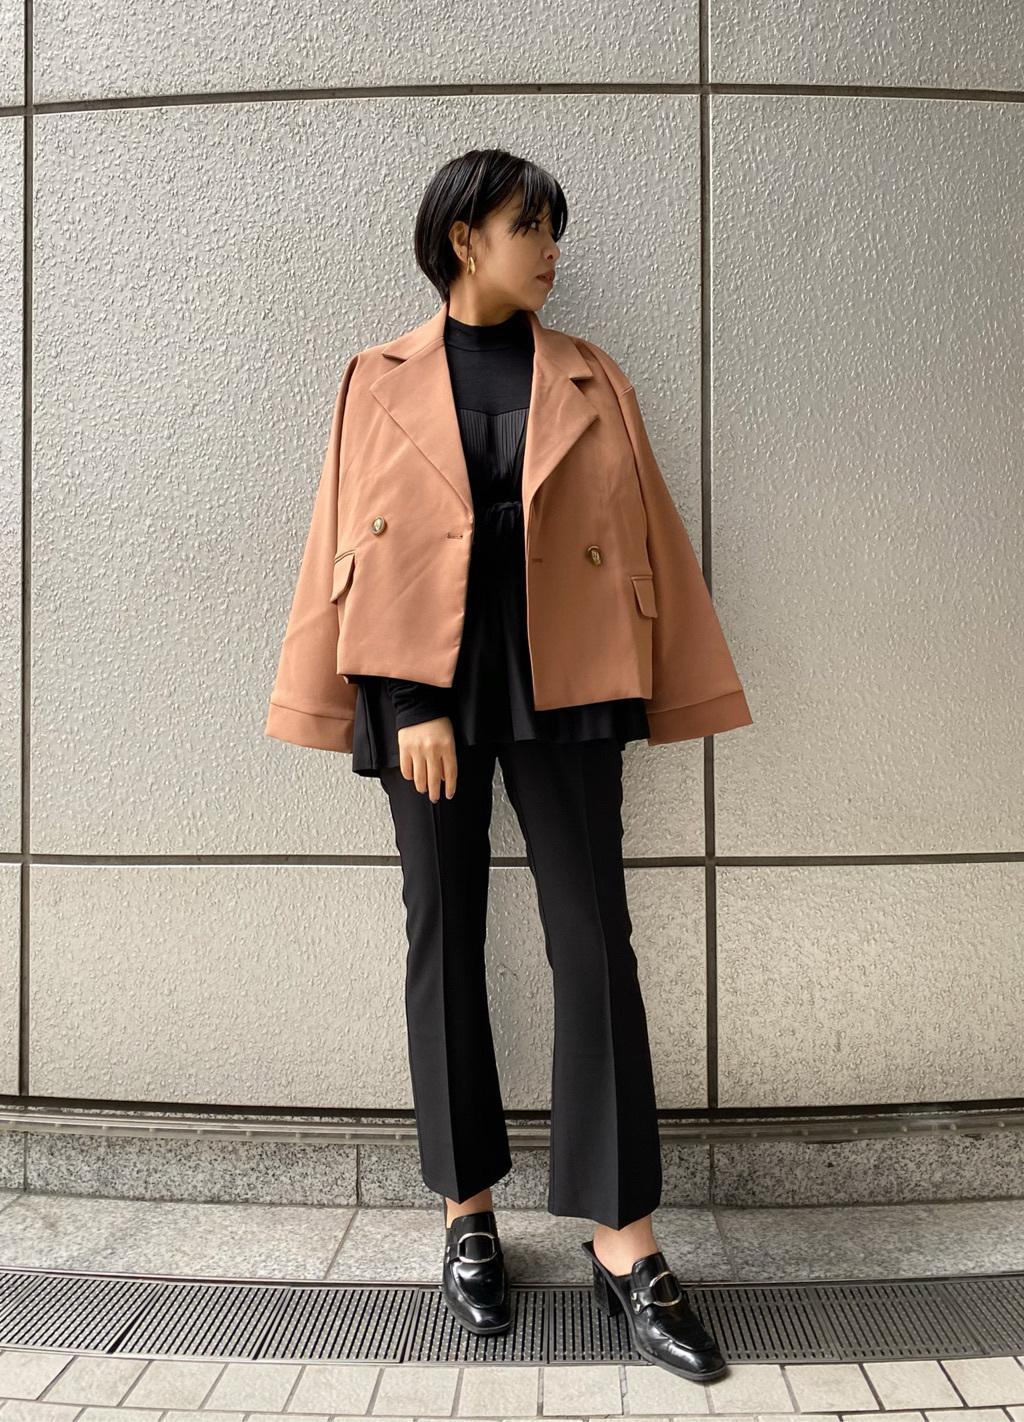 HARUKAさん(159cm)